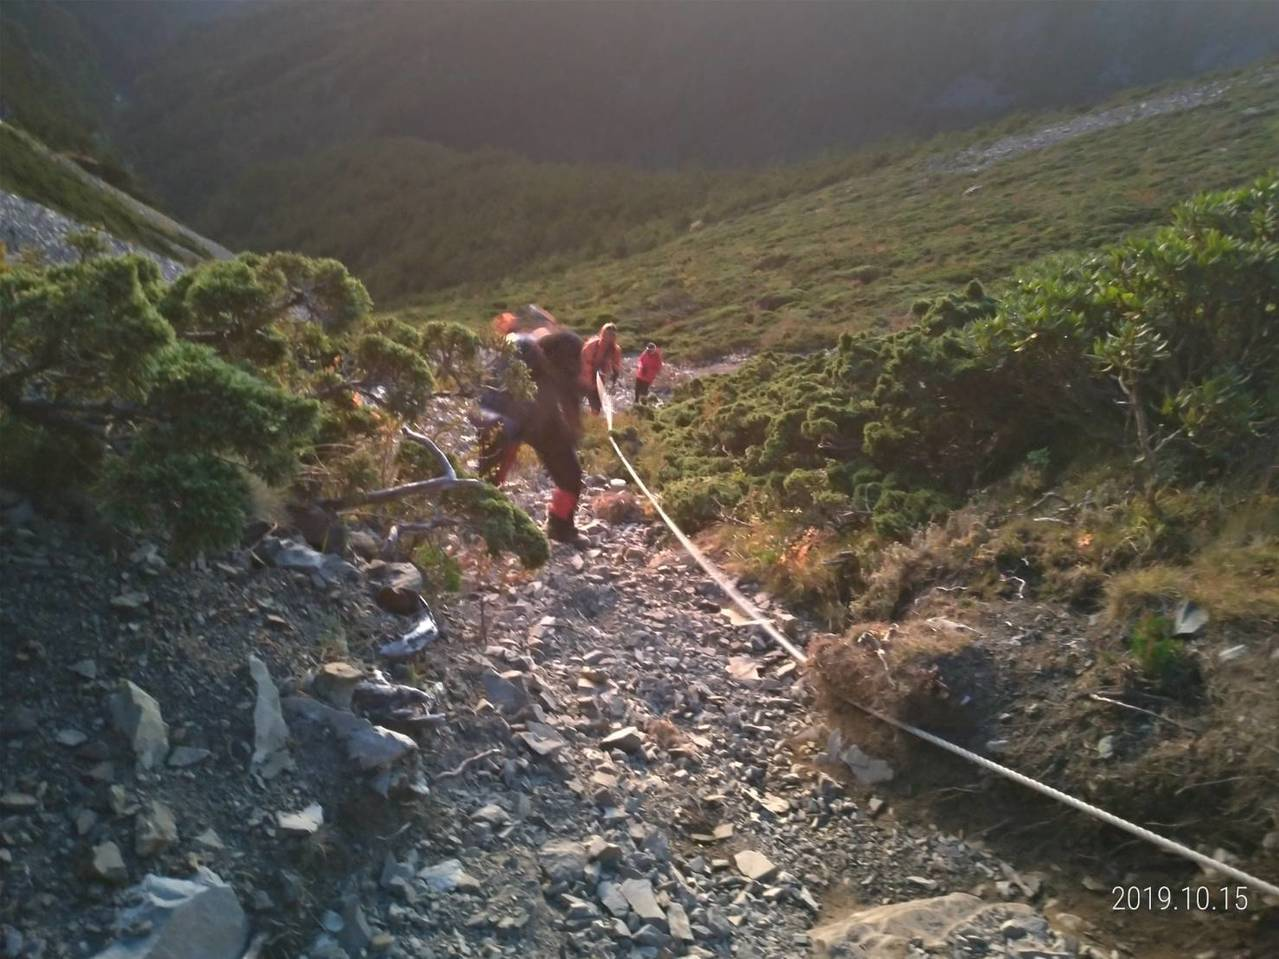 一名登山客在雪山北峰高山症發作,台中市消防局申請直升機救援。圖/台中市消防局提供